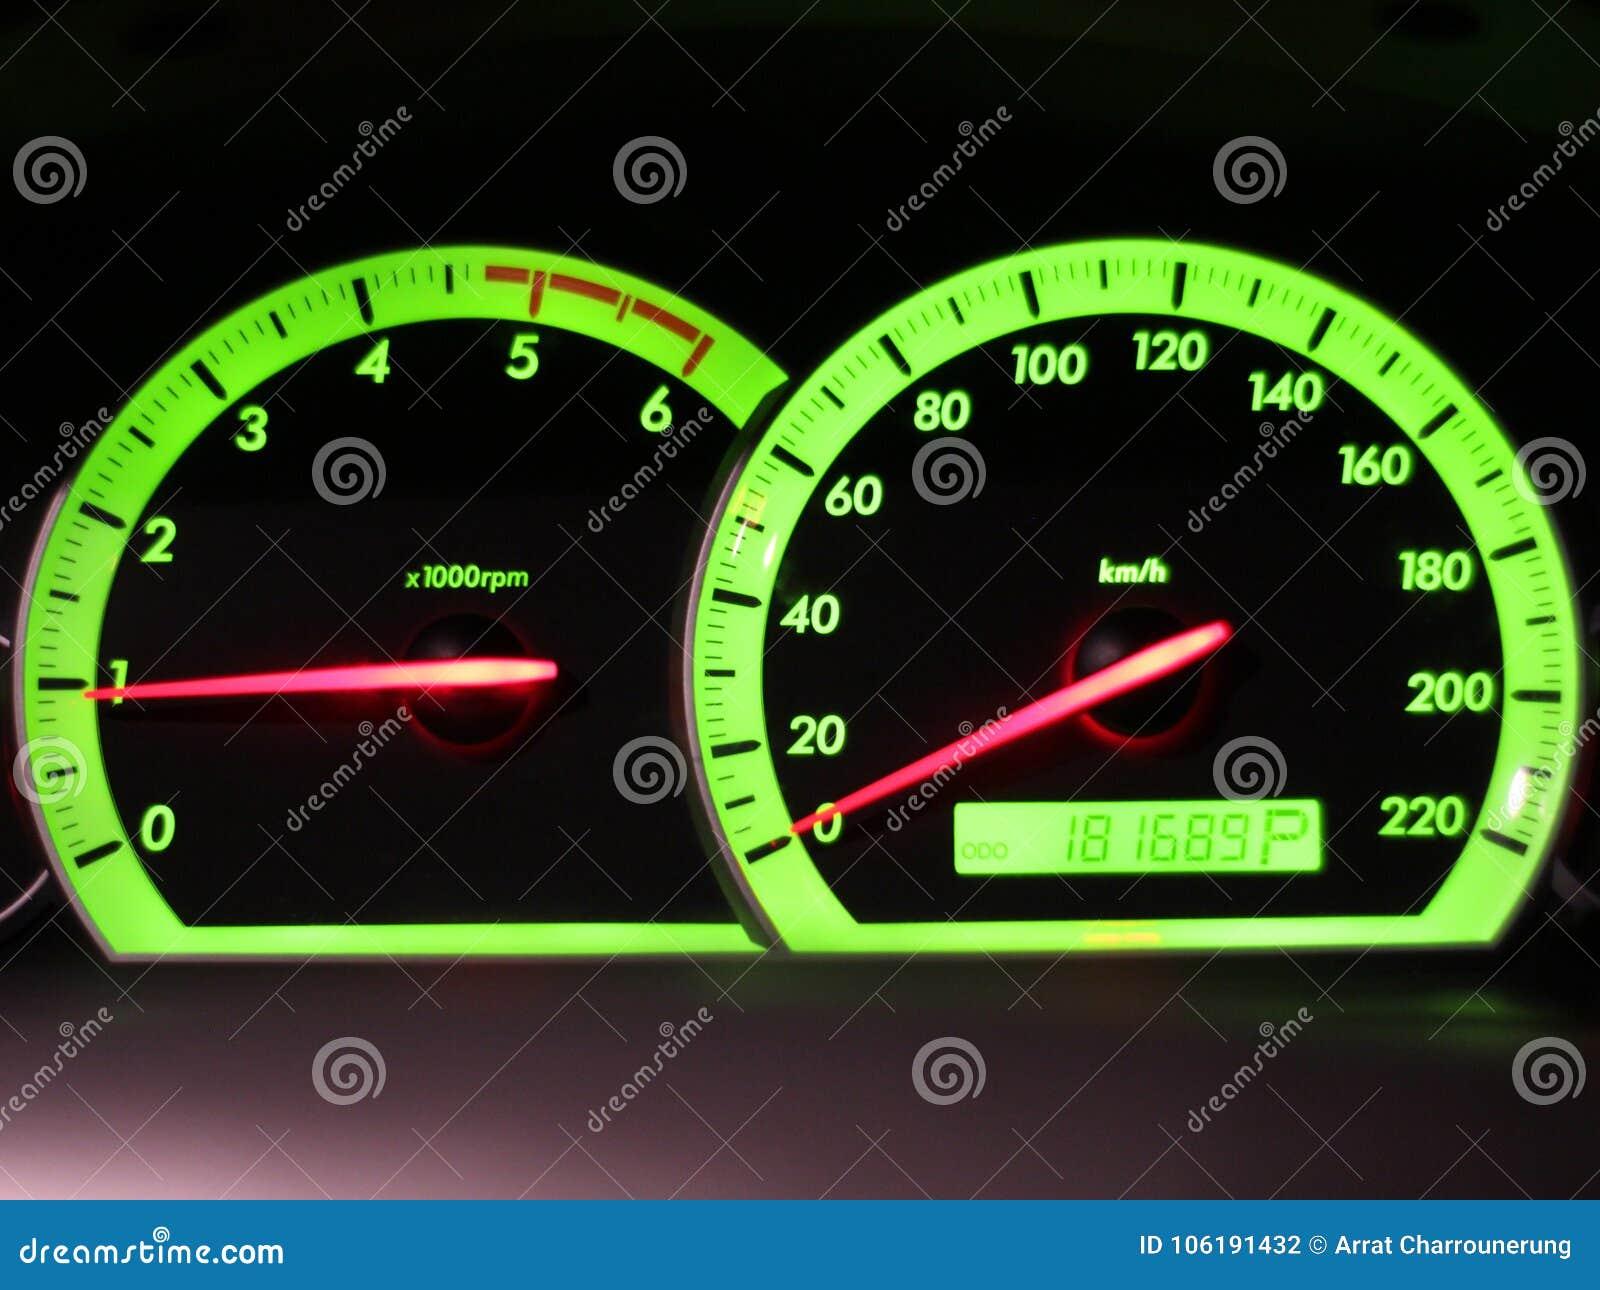 Entfernungsmesser Routenplaner : Entfernungsmesser auto routenplaner schweiz ecosia extech